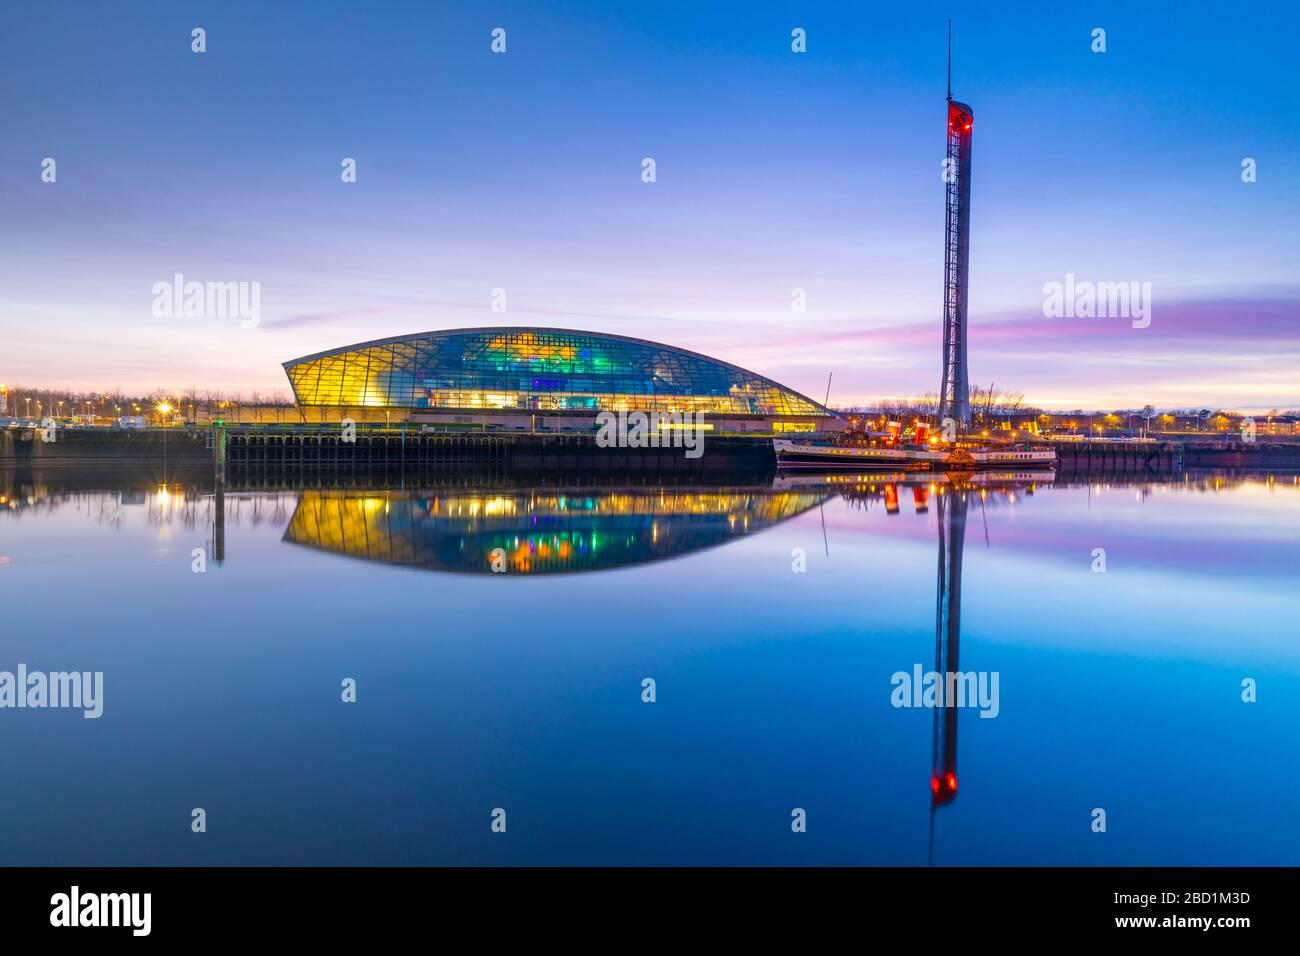 The Science Museum et Glasgow Tower au crépuscule, River Clyde, Glasgow, Ecosse, Royaume-Uni, Europe Banque D'Images